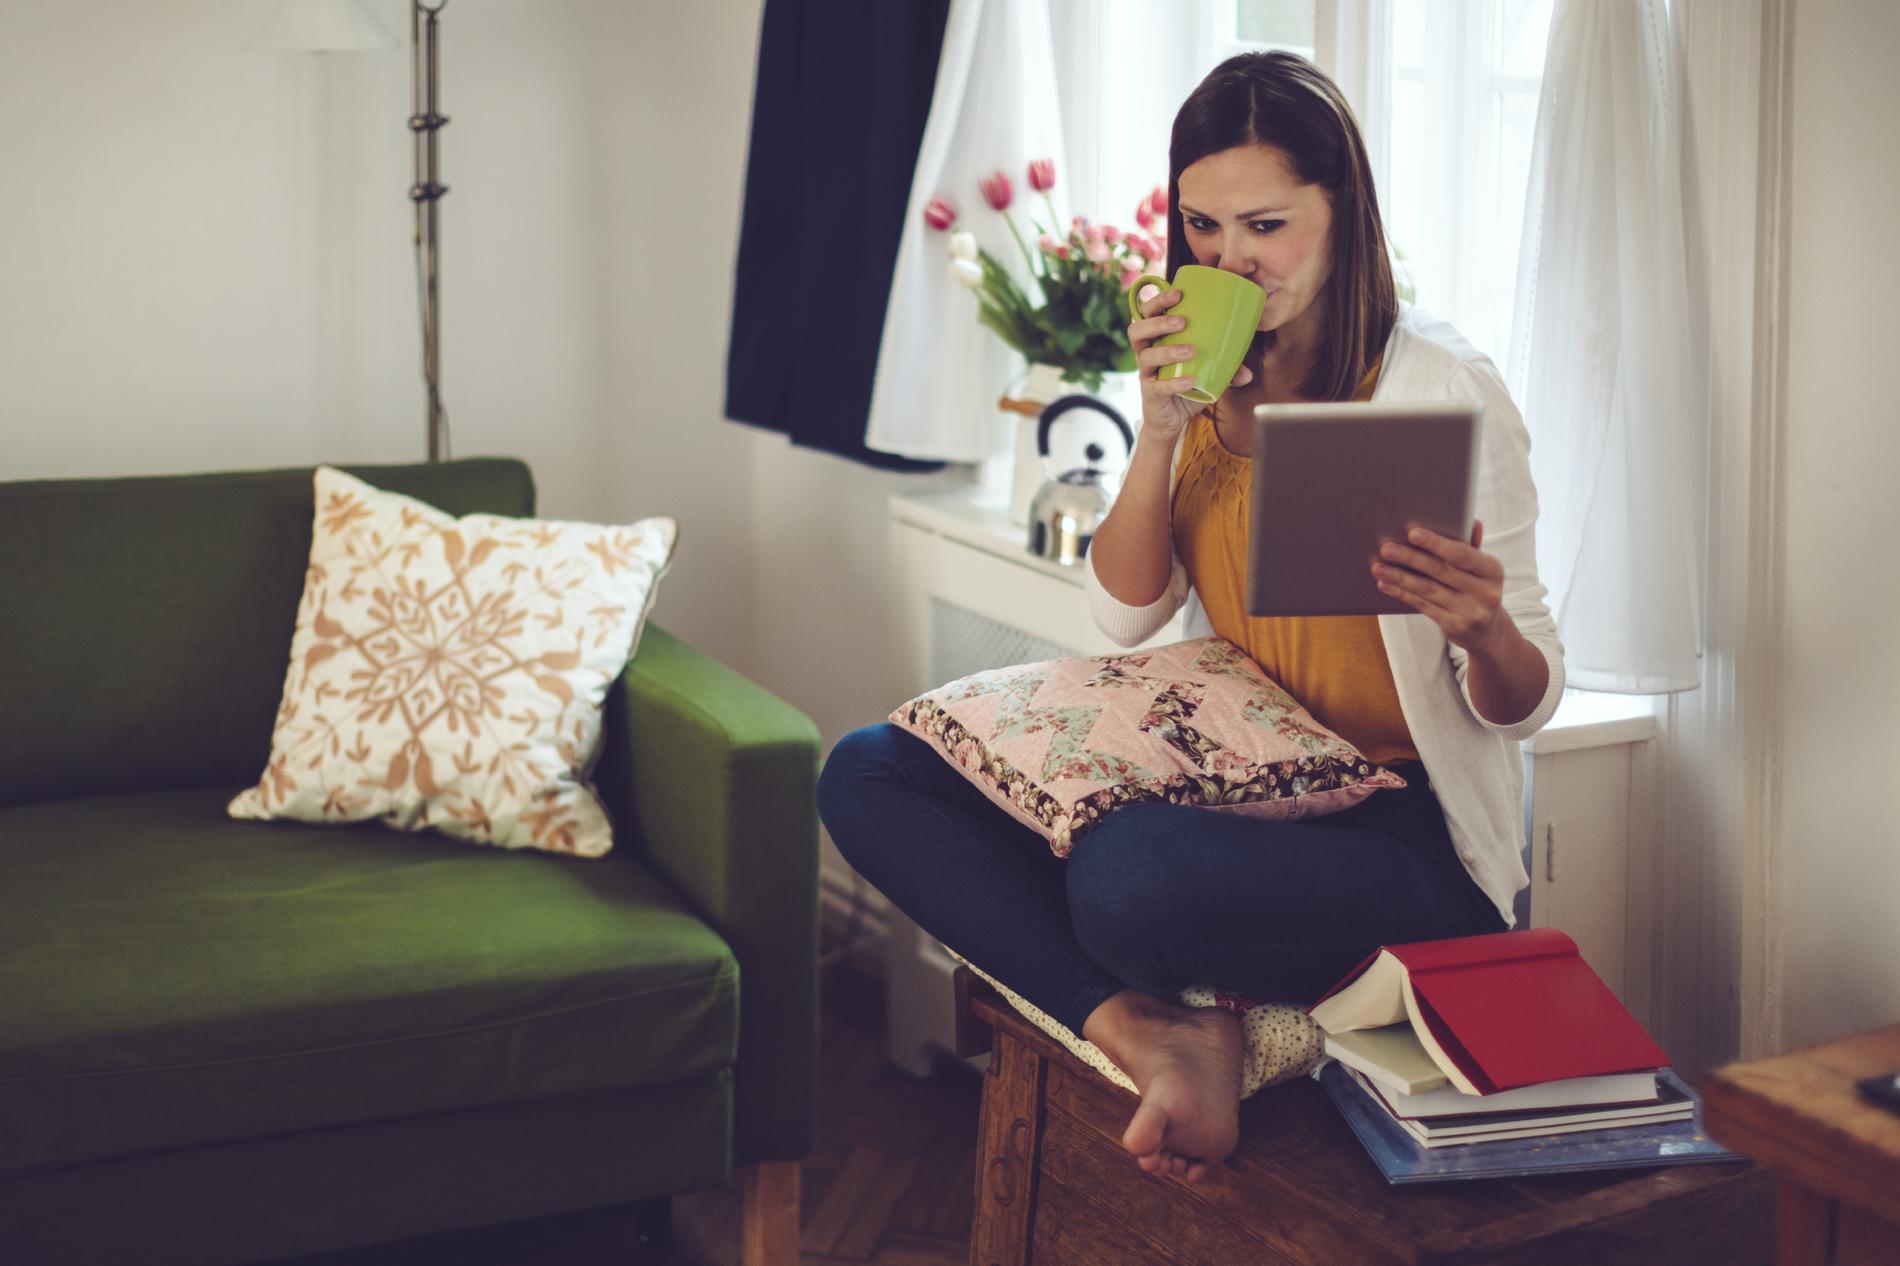 livraison domicile gain de temps ou repli sur soi madame figaro. Black Bedroom Furniture Sets. Home Design Ideas